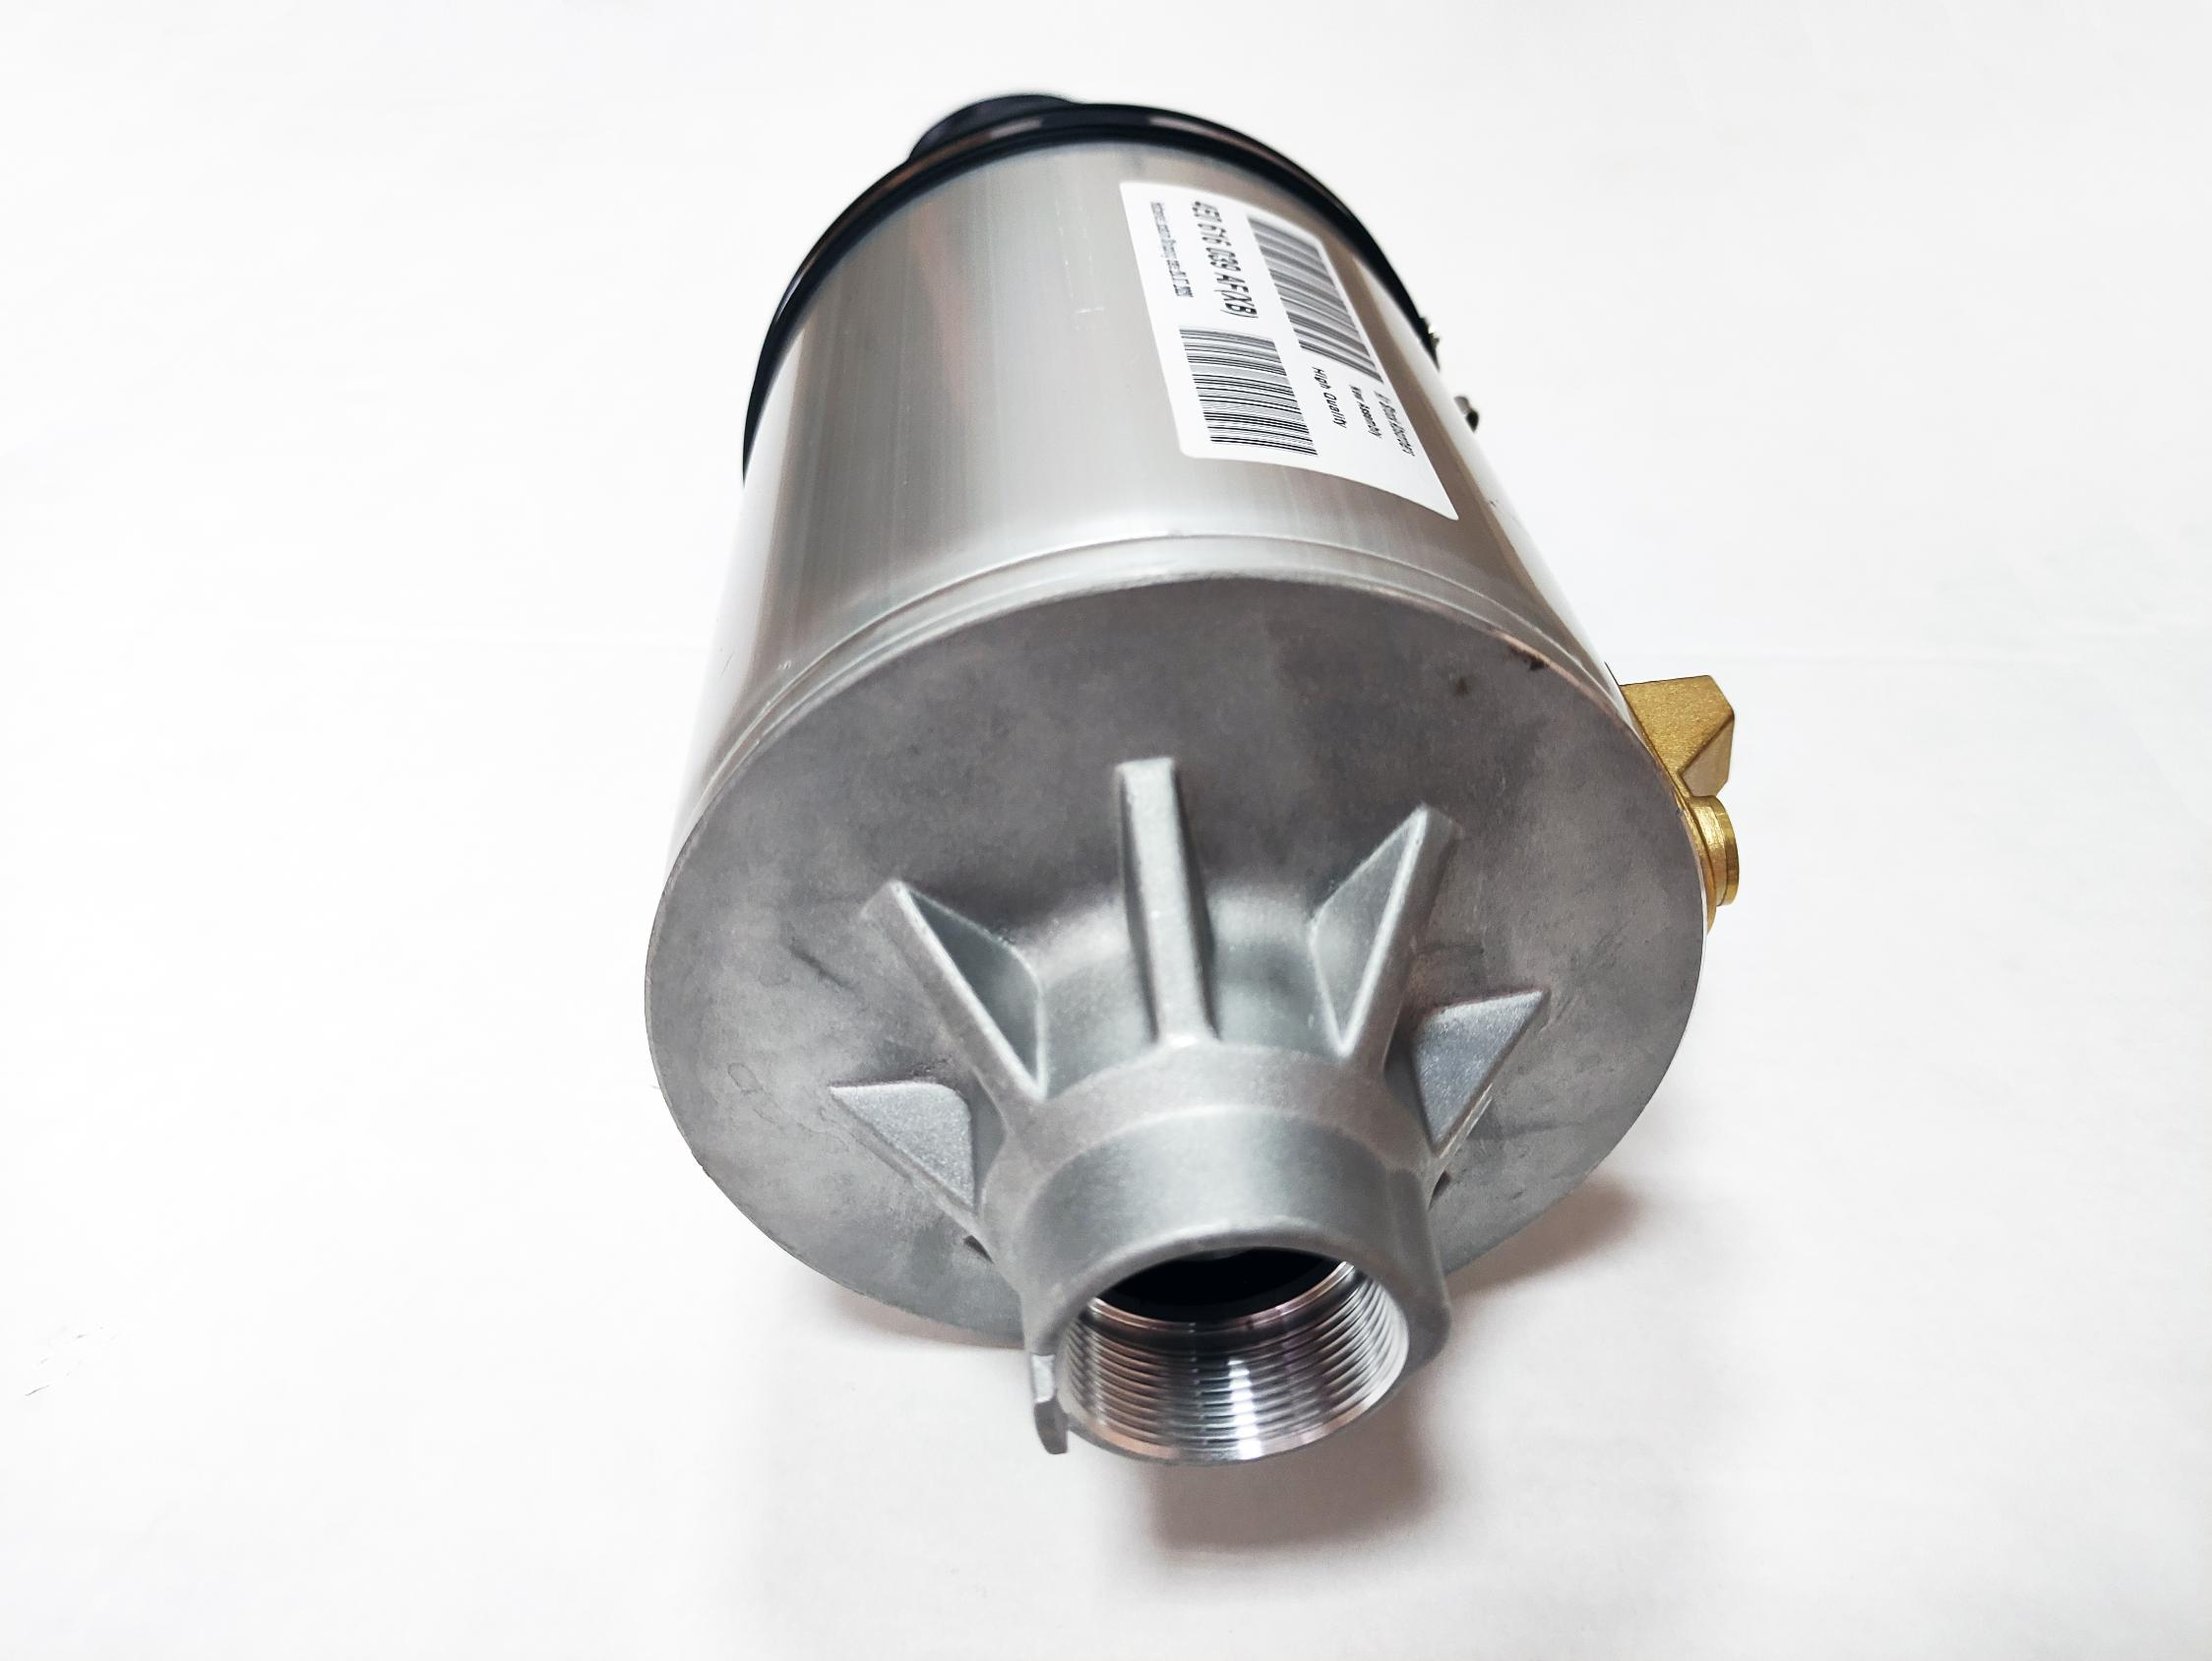 картинка Новый баллон передней пневмостойки для Audi A8 D3 4E (4E0616039, 4E0616040) от магазина пневмоподвески ПневмоМаркет